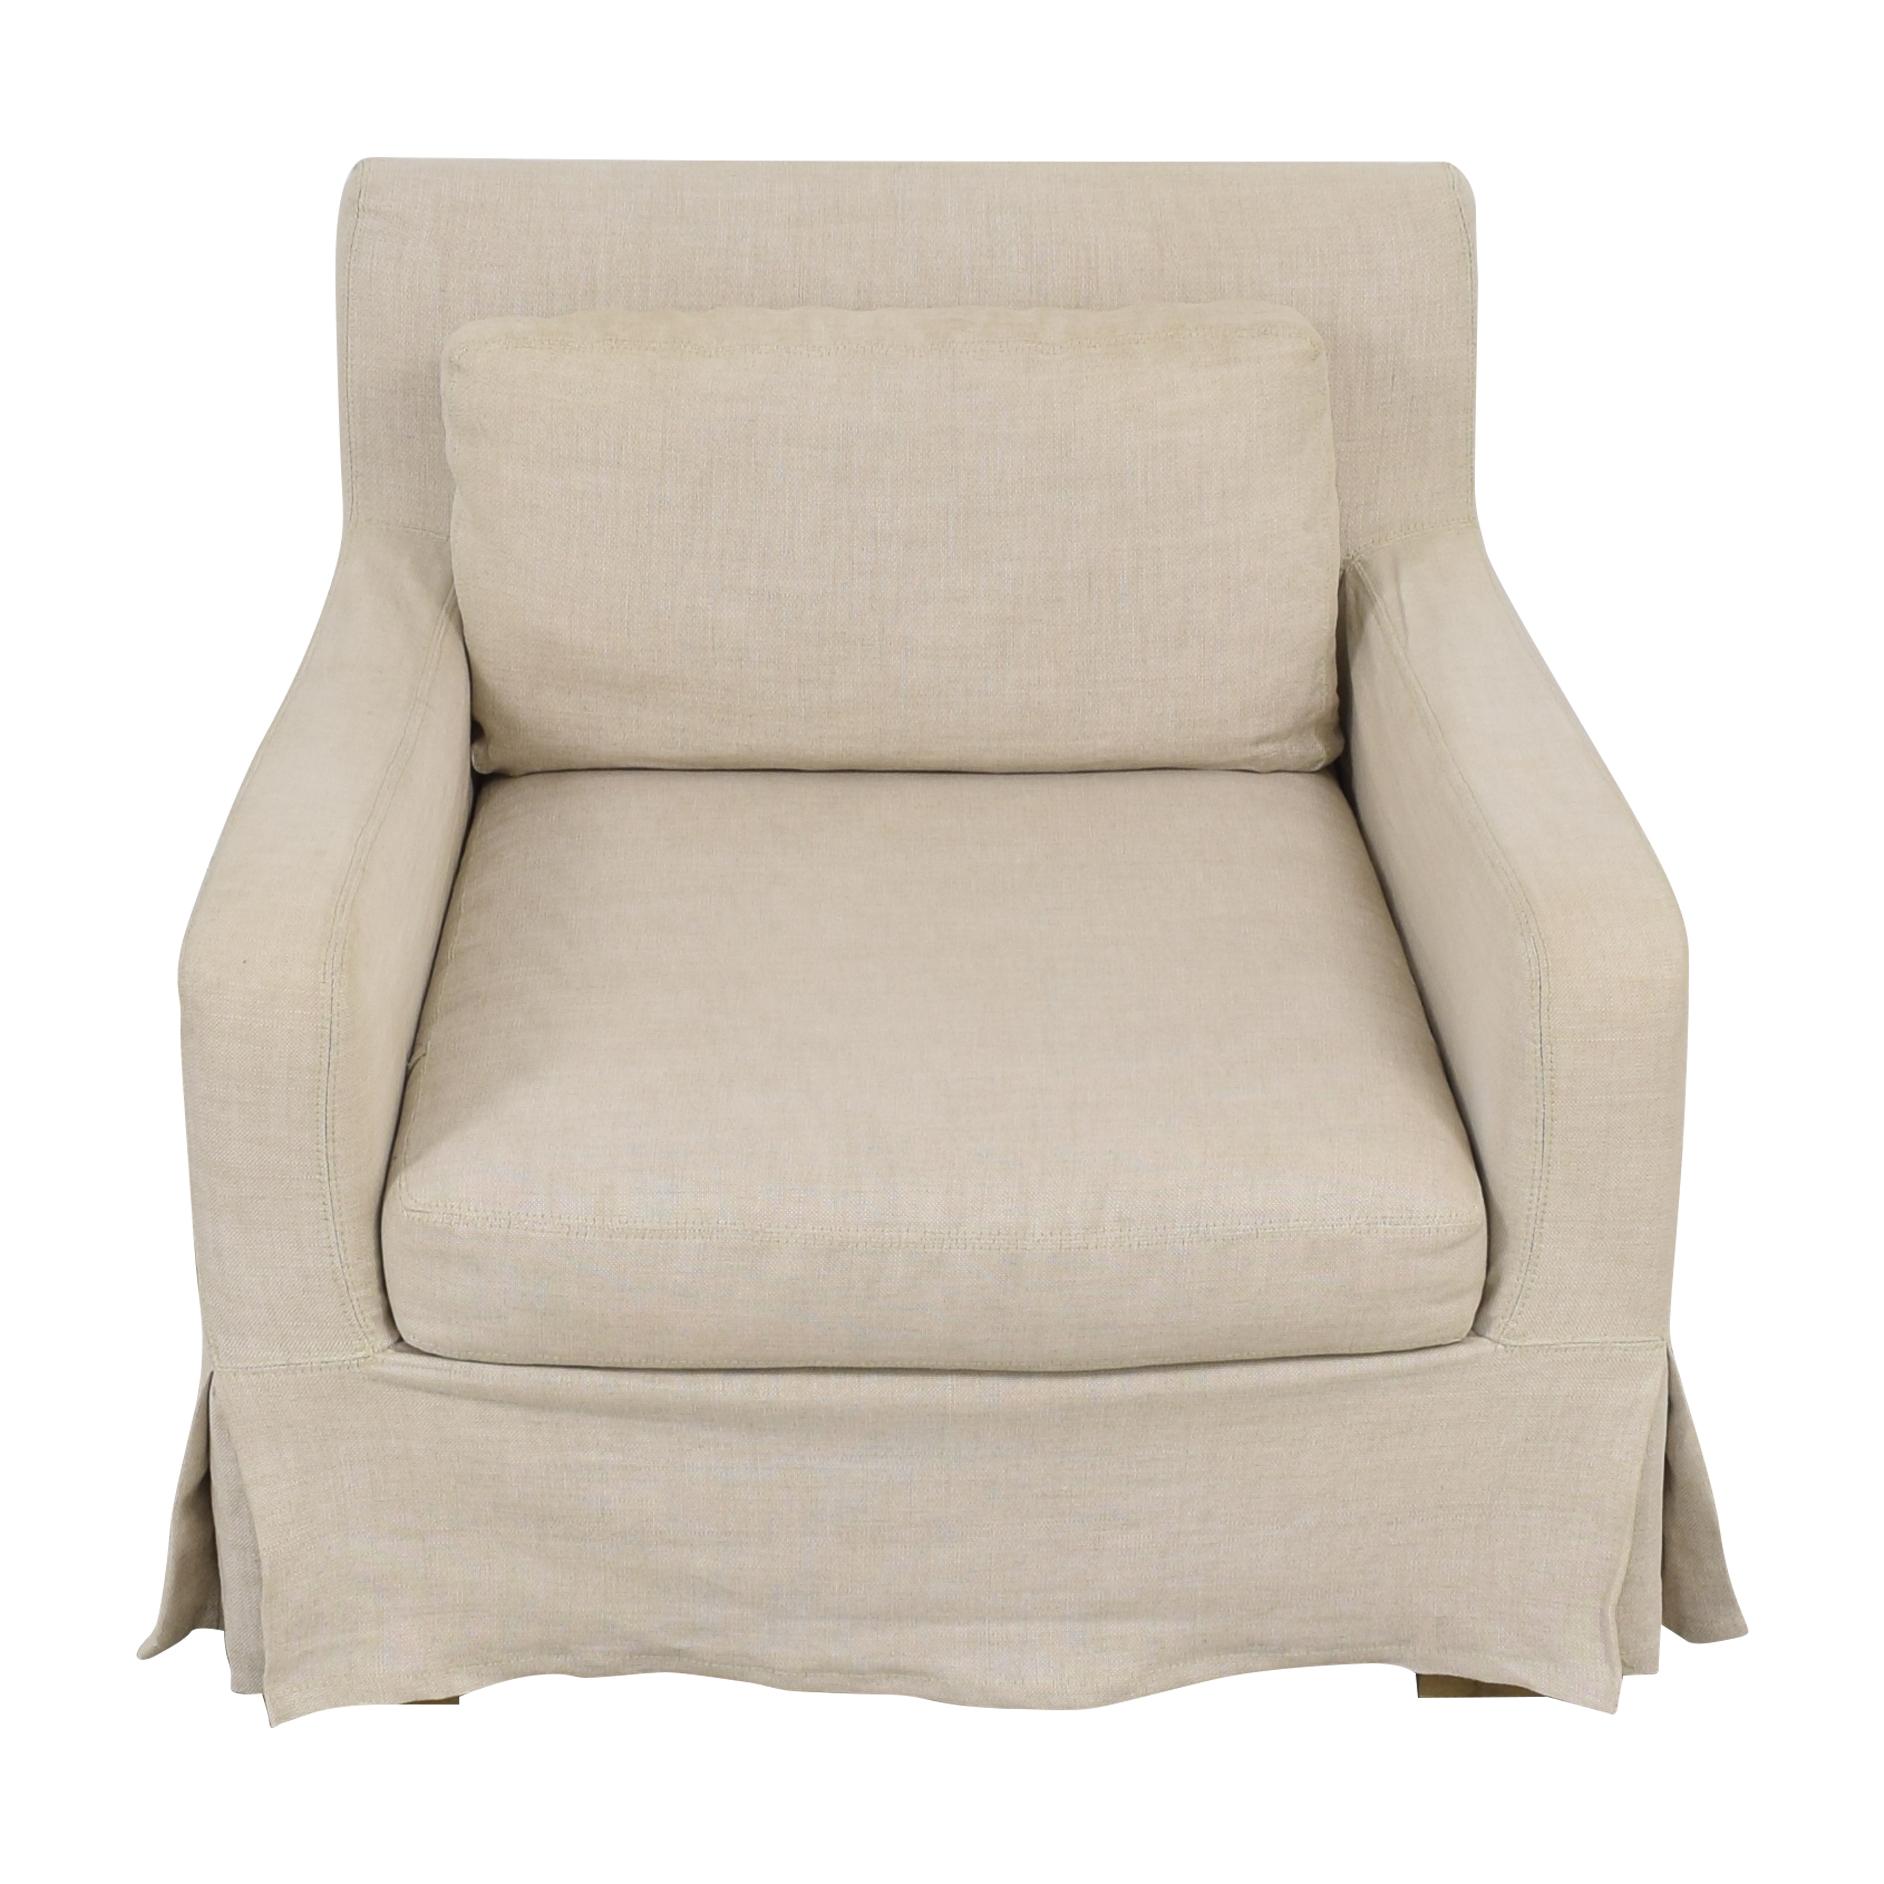 shop Restoration Hardware Belgian Slope Arm Slipcovered Chair Restoration Hardware Chairs